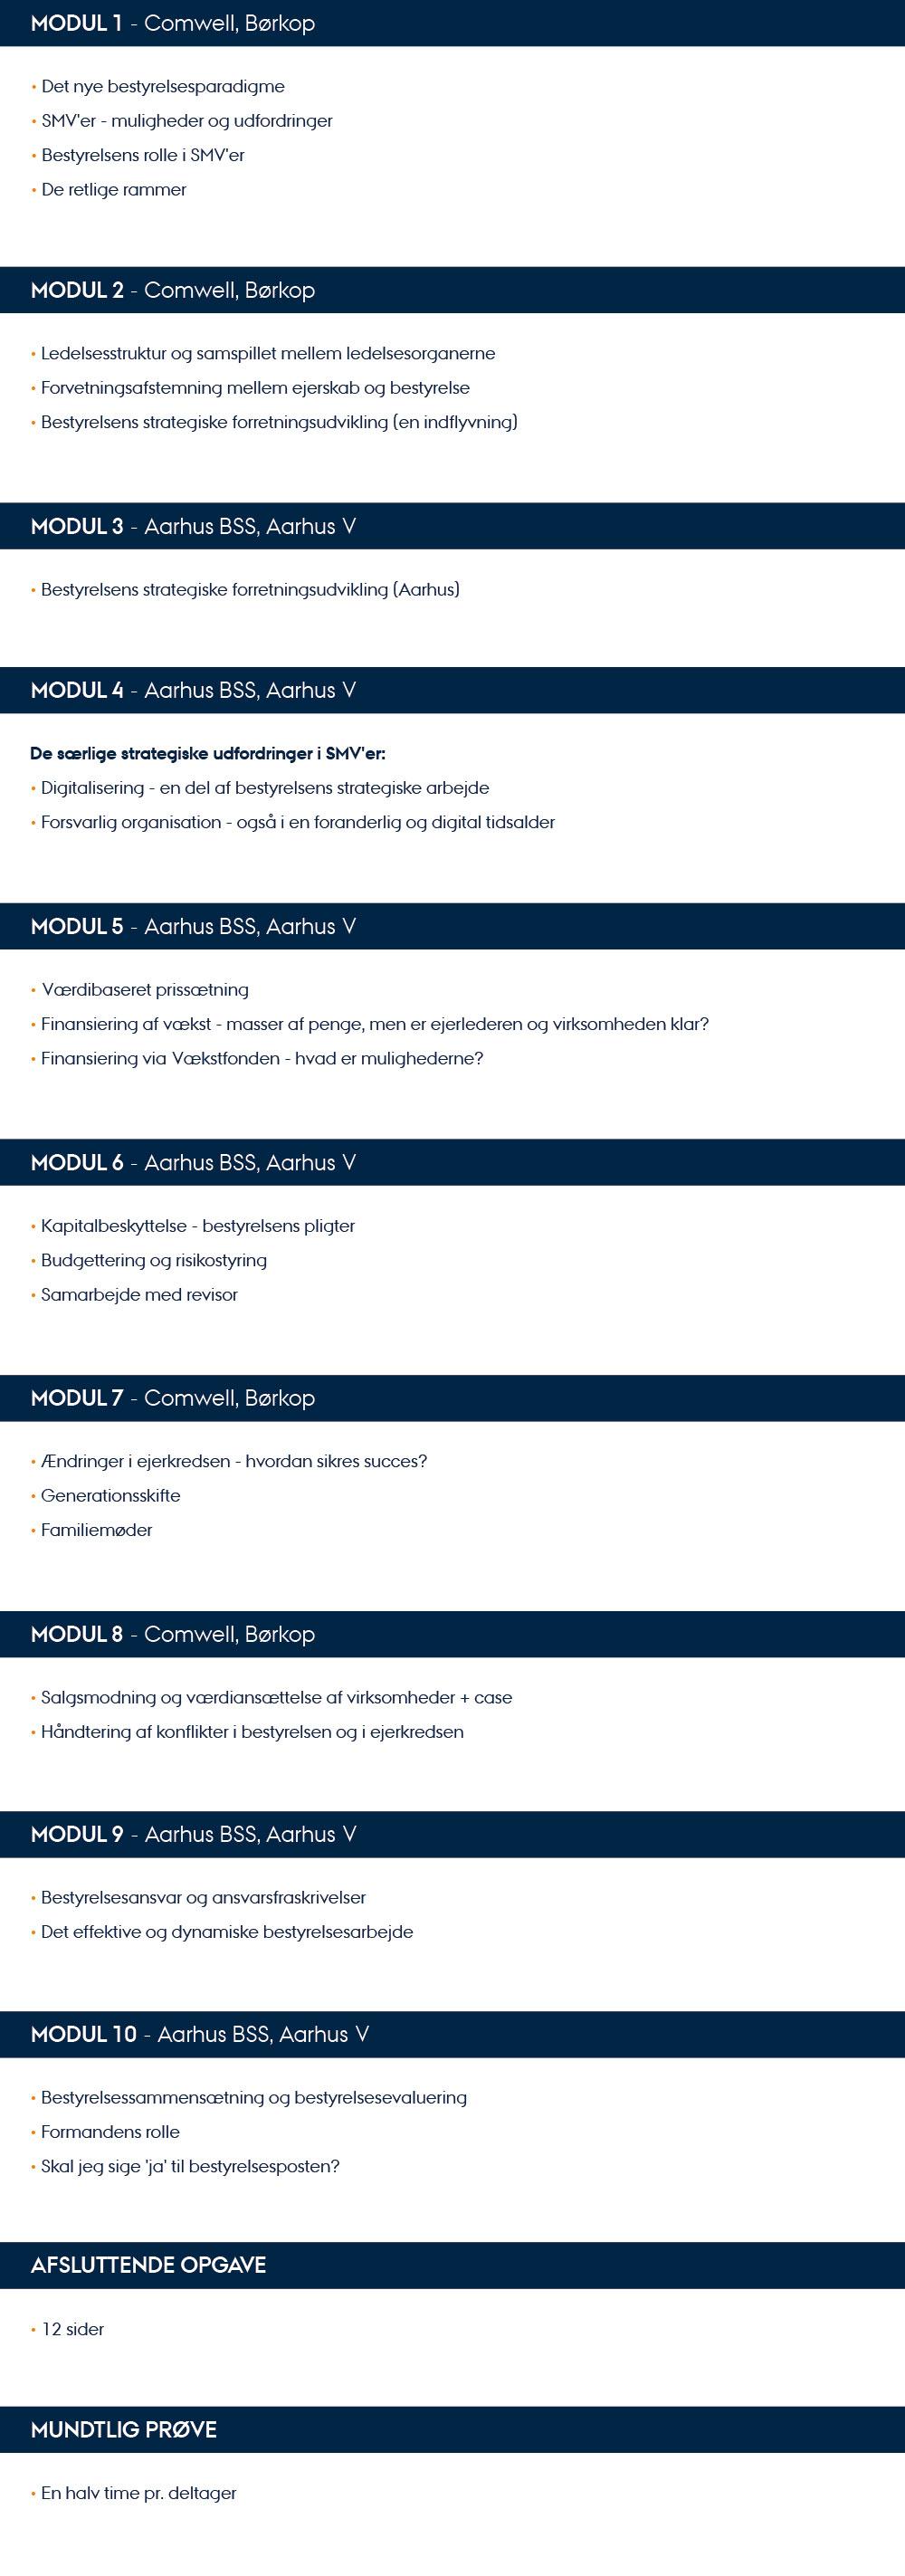 Moduloversigt for bestyrelsesuddannelsen. Deltagerne skal igennem 10 moduler, en afsluttende opgave og en mundtlig prøve.